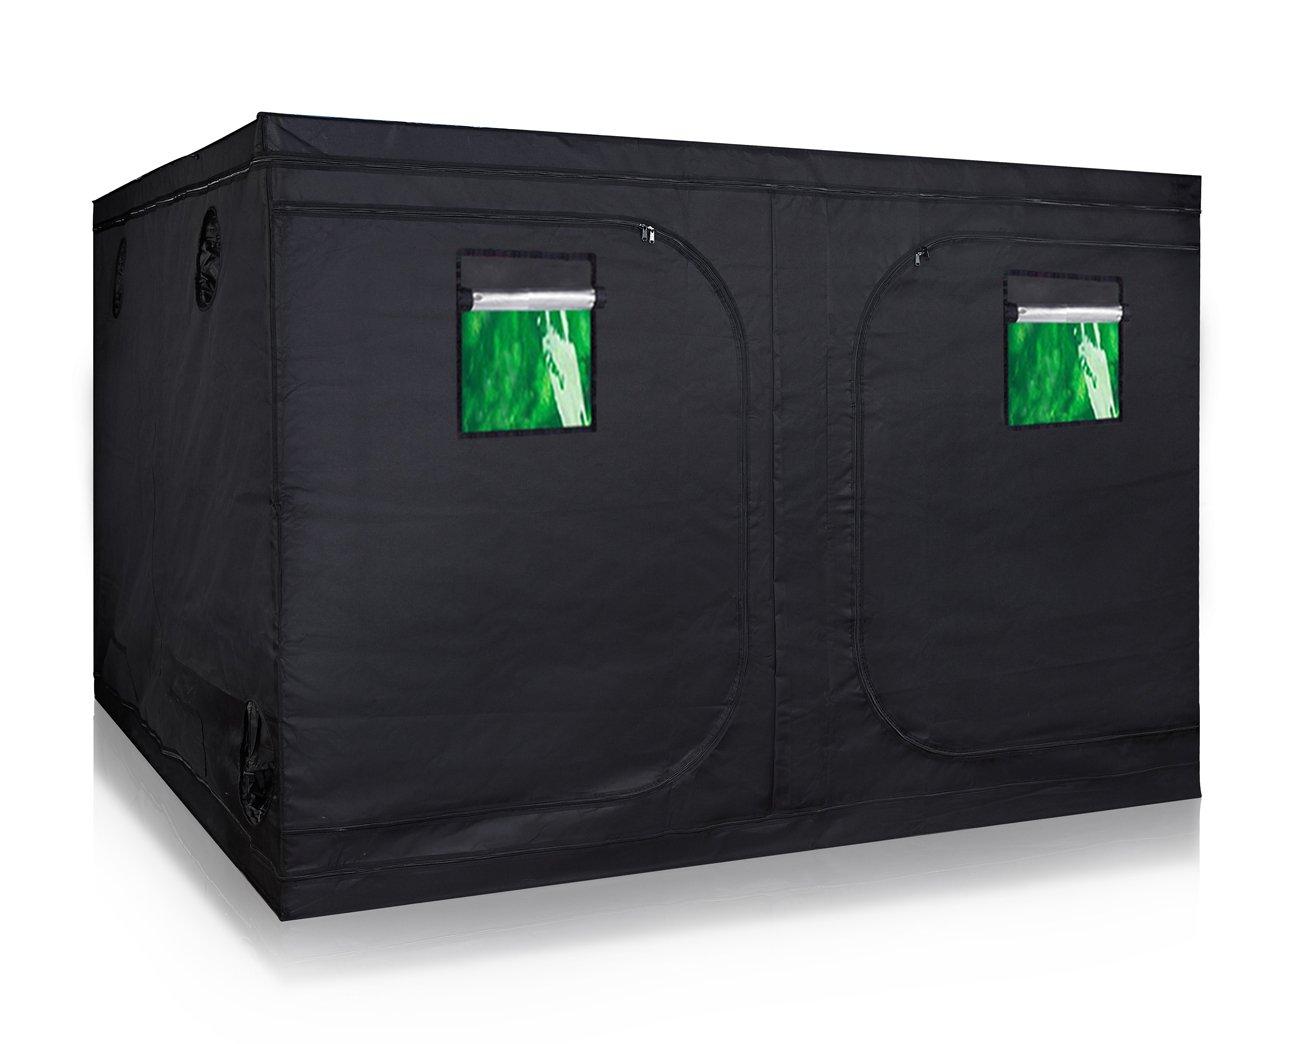 TopoLite 120''x120''x80'' Indoor Grow Tent Hydroponic Growing Dark Room Green Box with Viewing Window